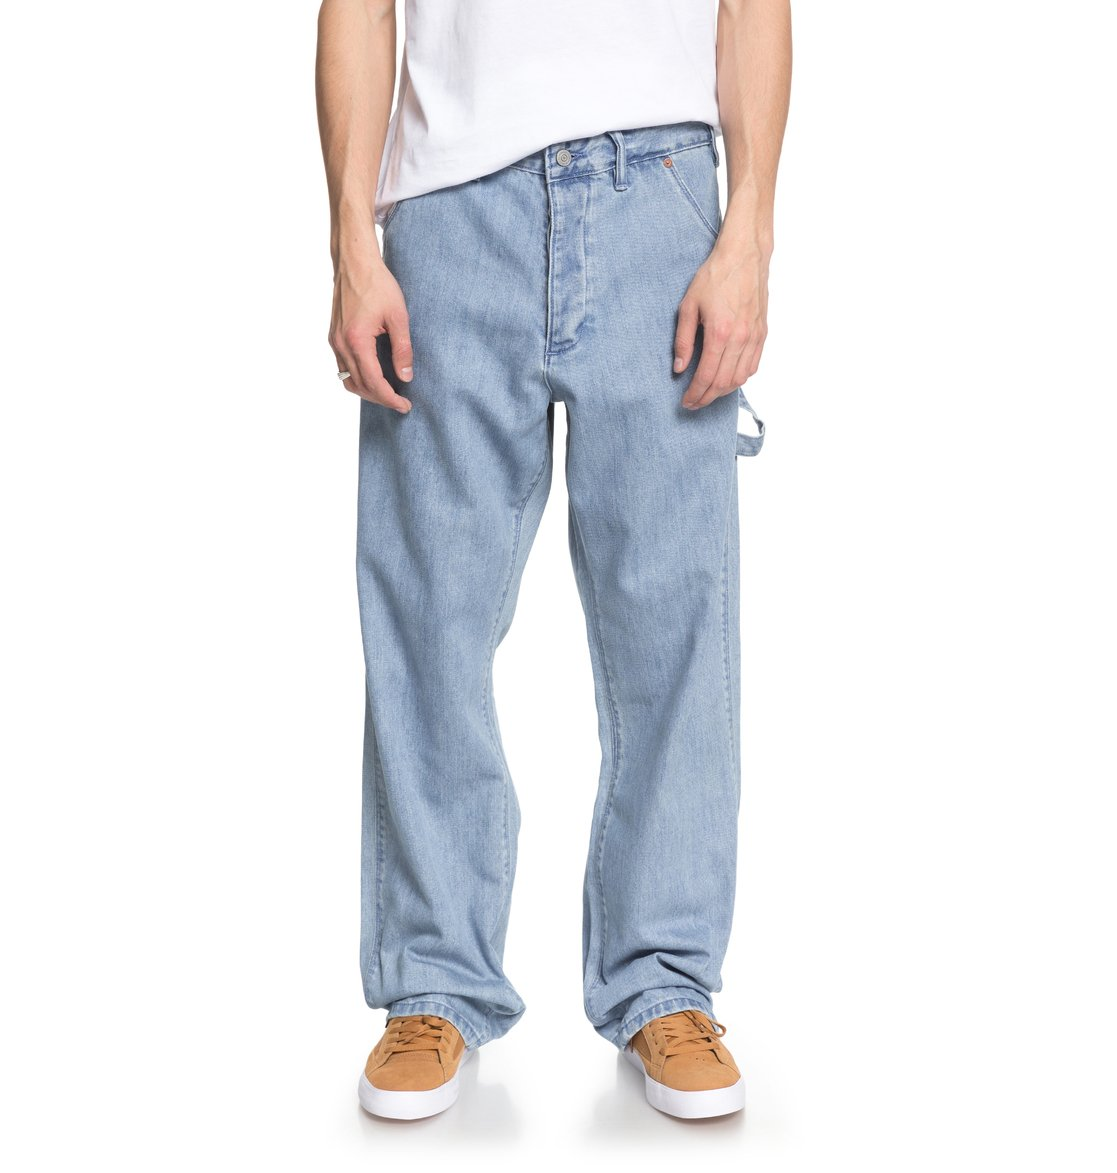 Pagar Con Visa De Precio Barato Barato Nueva Llegada dc shoes Core - Jeans Carpenter da Uomo - Blue - DC Shoes IOjuB